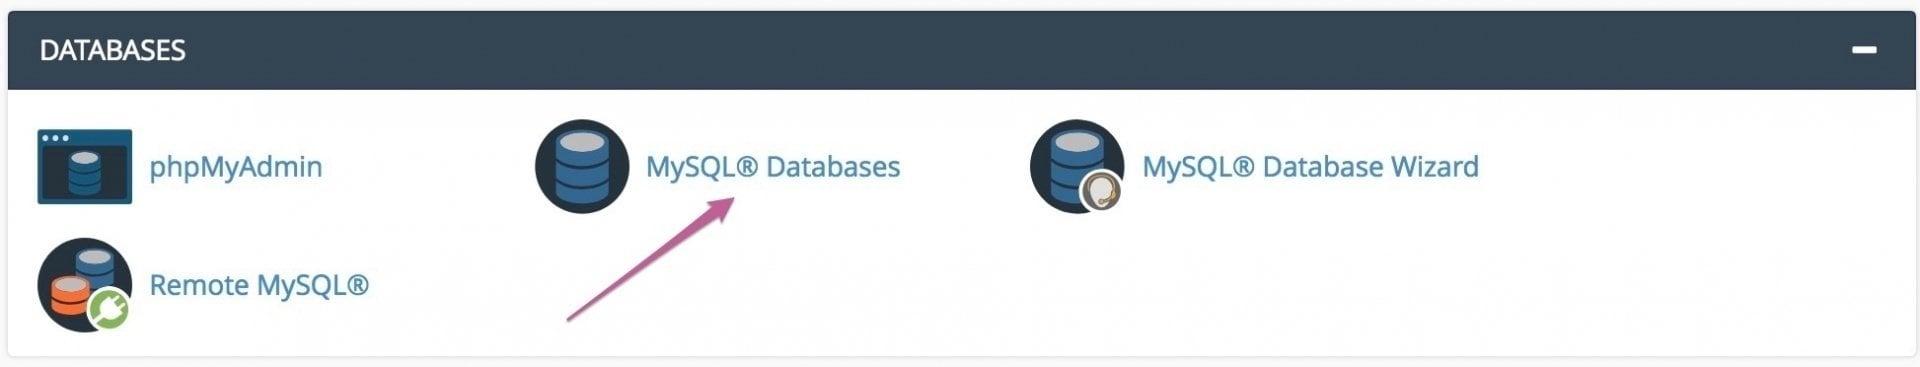 MySQL® Databases cPanel